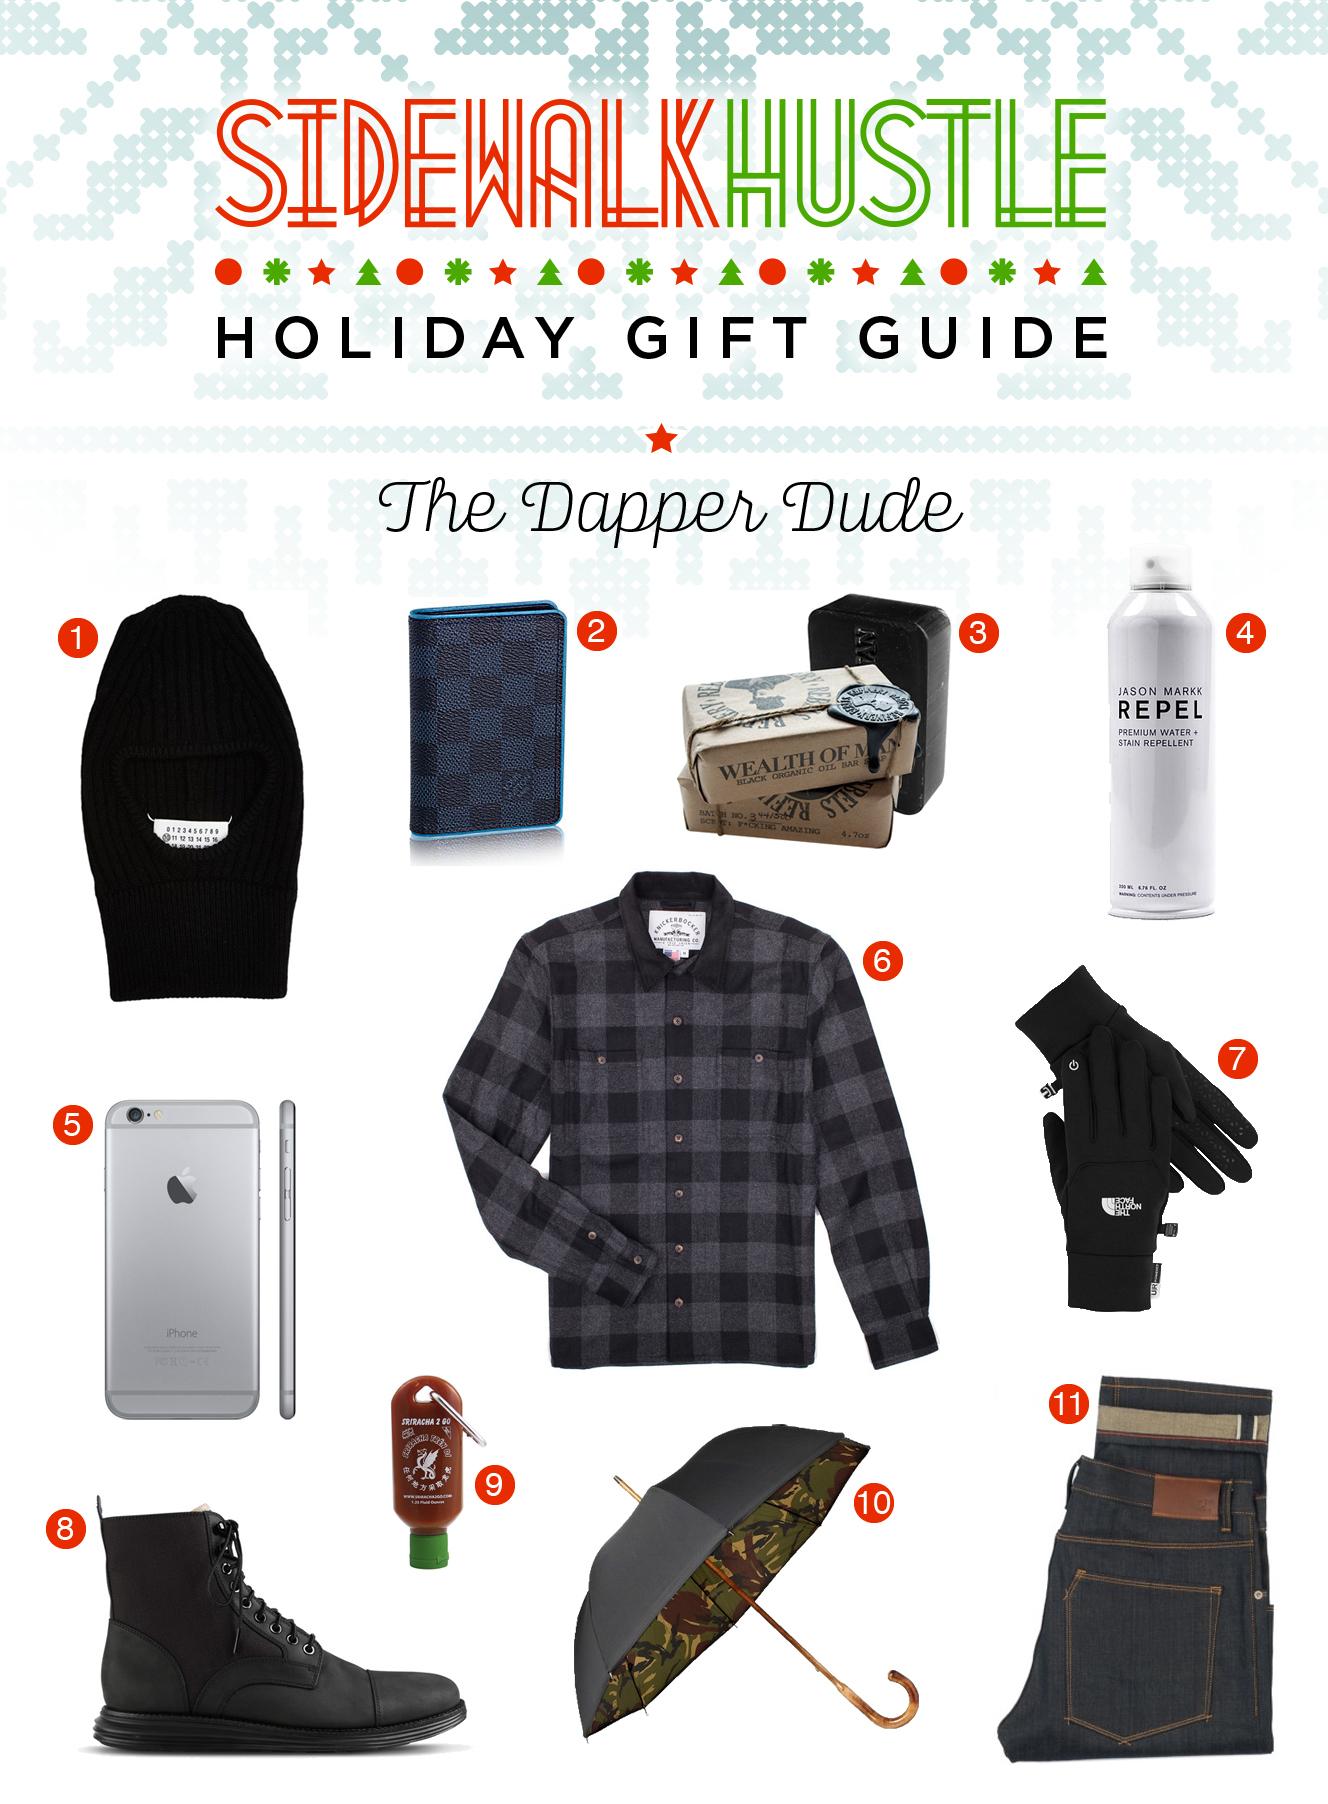 Dapper Dude Gift Guide 2014